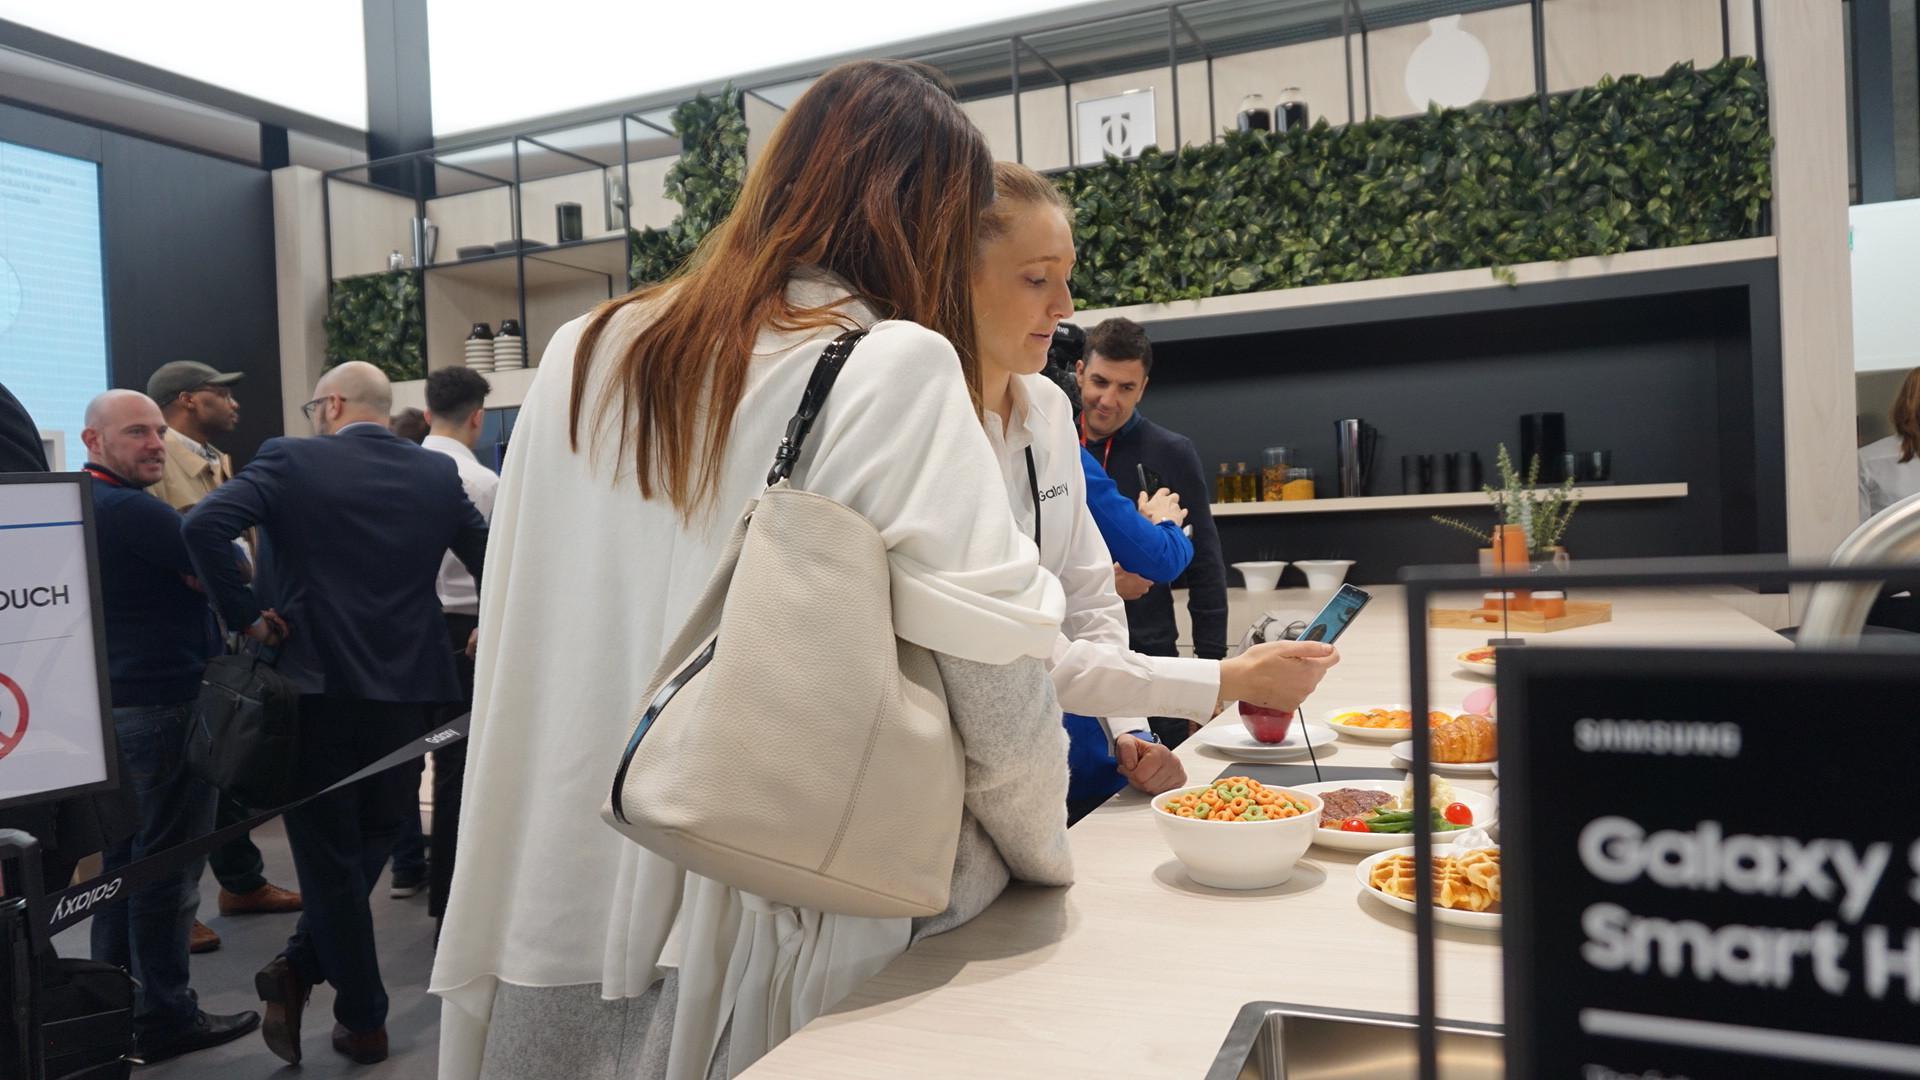 Pengunjung booth Samsung di MWC 2018 melihat-lihat ekosistem Smart Home. (Liputan6.com/ Agustin Setyo W)